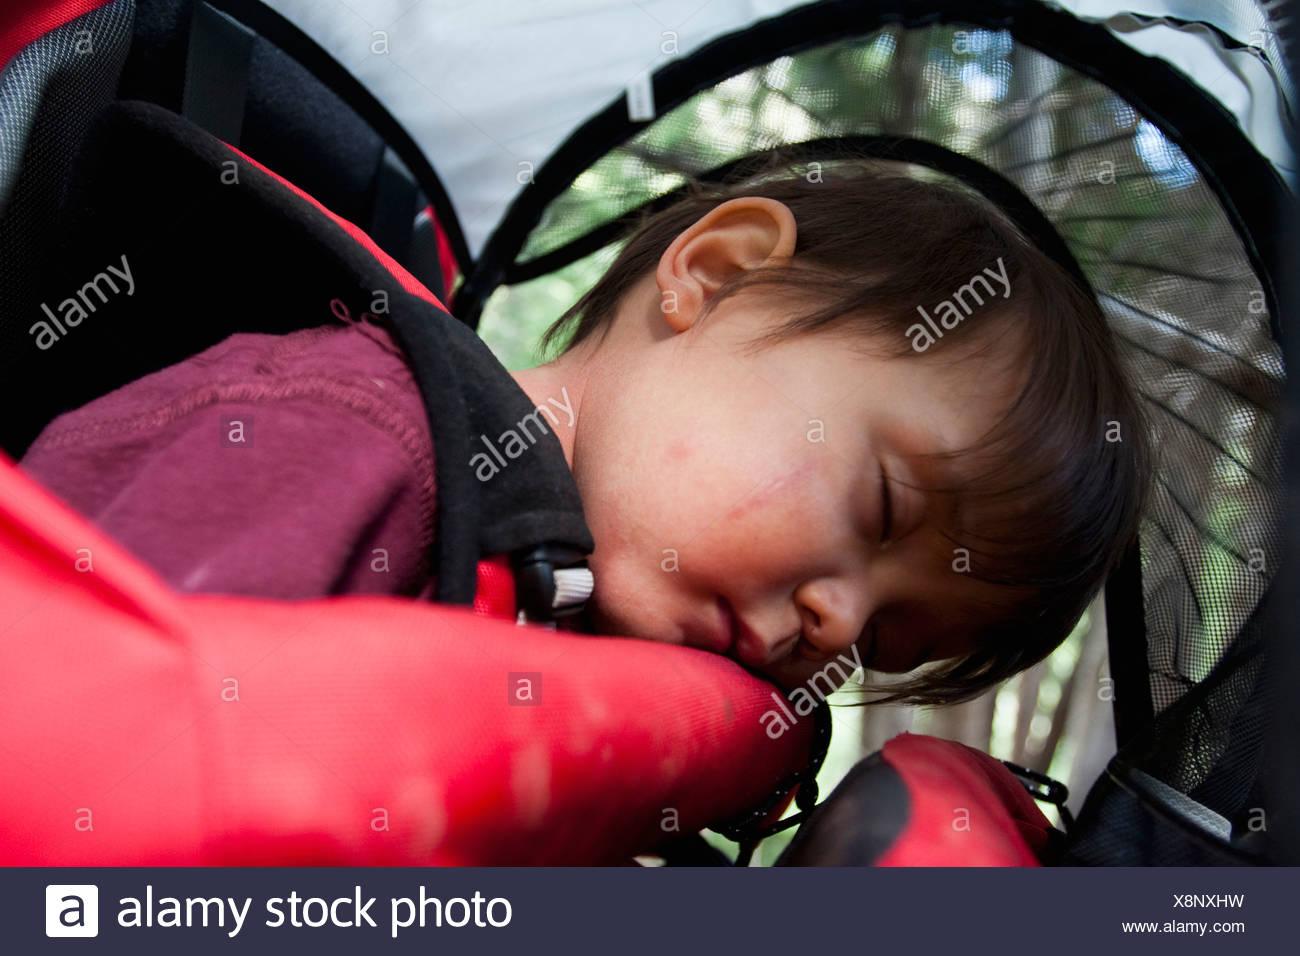 14 mese vecchio ragazzo dorme in uno zaino portato dalla madre, backpacking in Maroon Bells Snowmass deserto fuori Aspen Colorado Immagini Stock